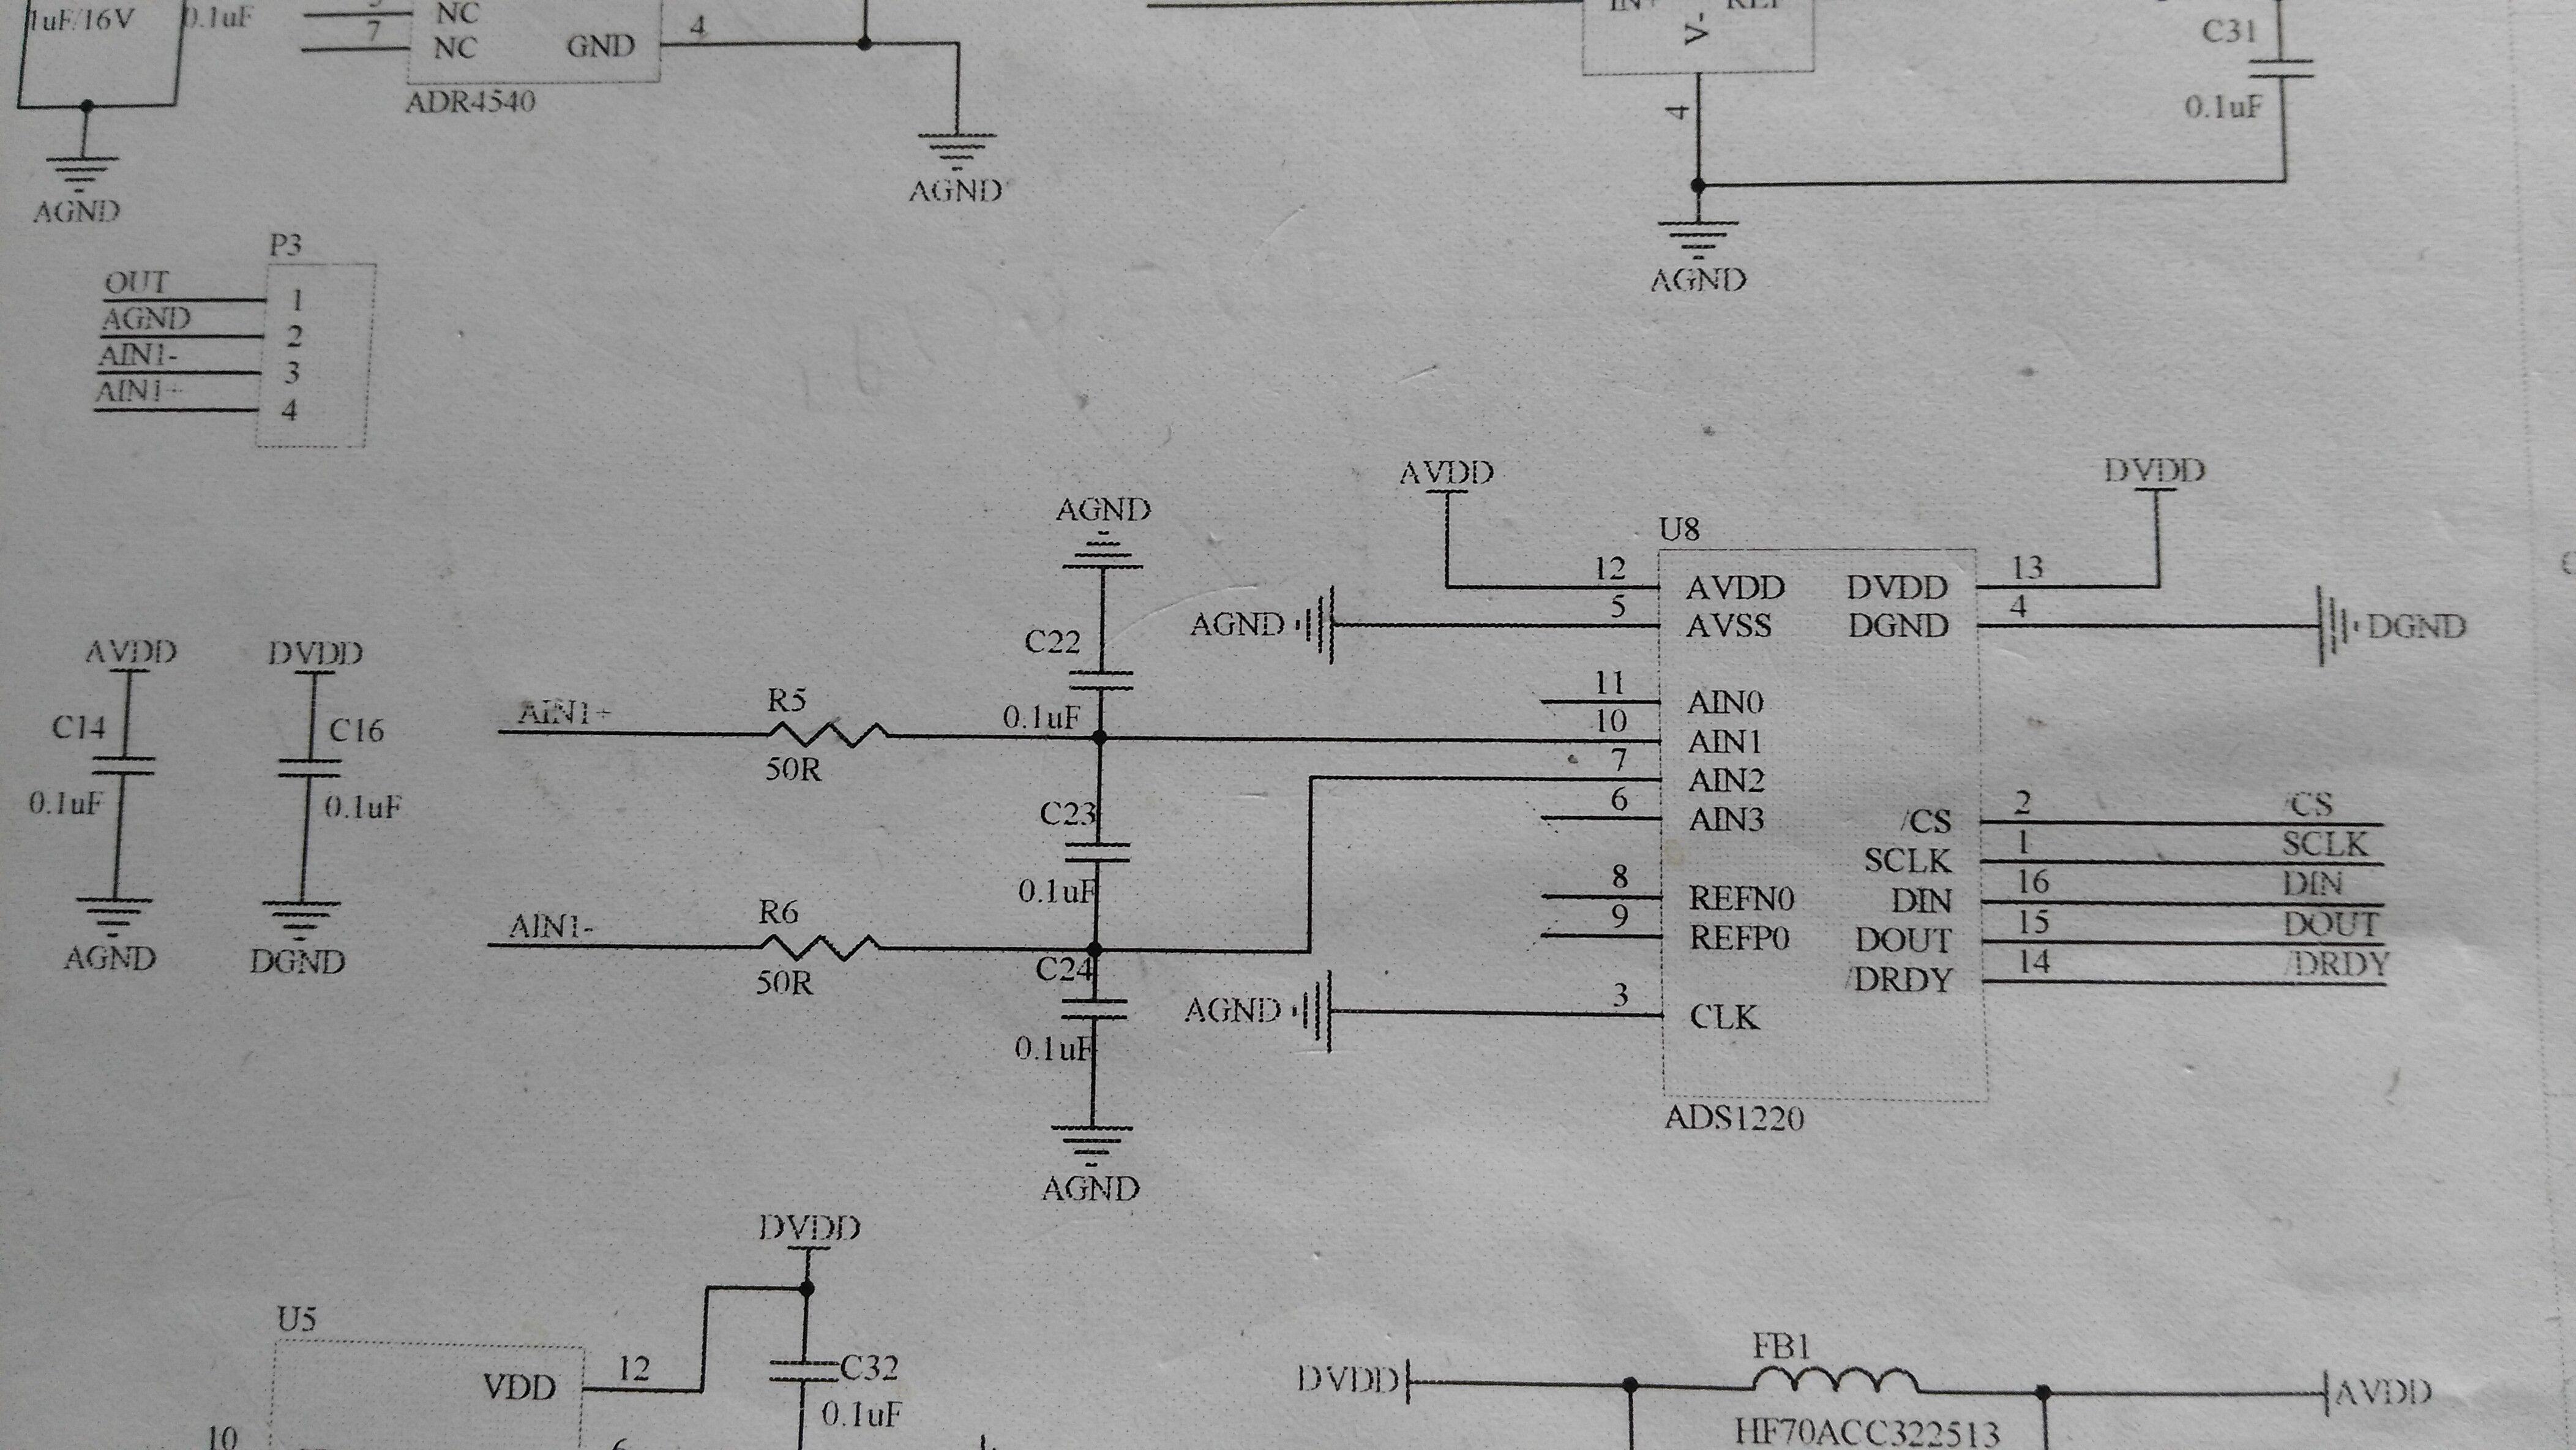 各位TI的大咖们: 请教一个问题。我使用ADS1220设计一款电路用来采集一个电阻桥式传感器。设计的时候我想使用内部的2.048V基准作为基准电压,以下为电路图。  但是我在看技术手册的时候,有这么一句话 那么,请问:1、我是不是需要在reference input pairs上或者analog supply上接上外部的电压基准呢? 2、如果不接的话,会产生什么问题?对精度有没有影响?  感谢解答!